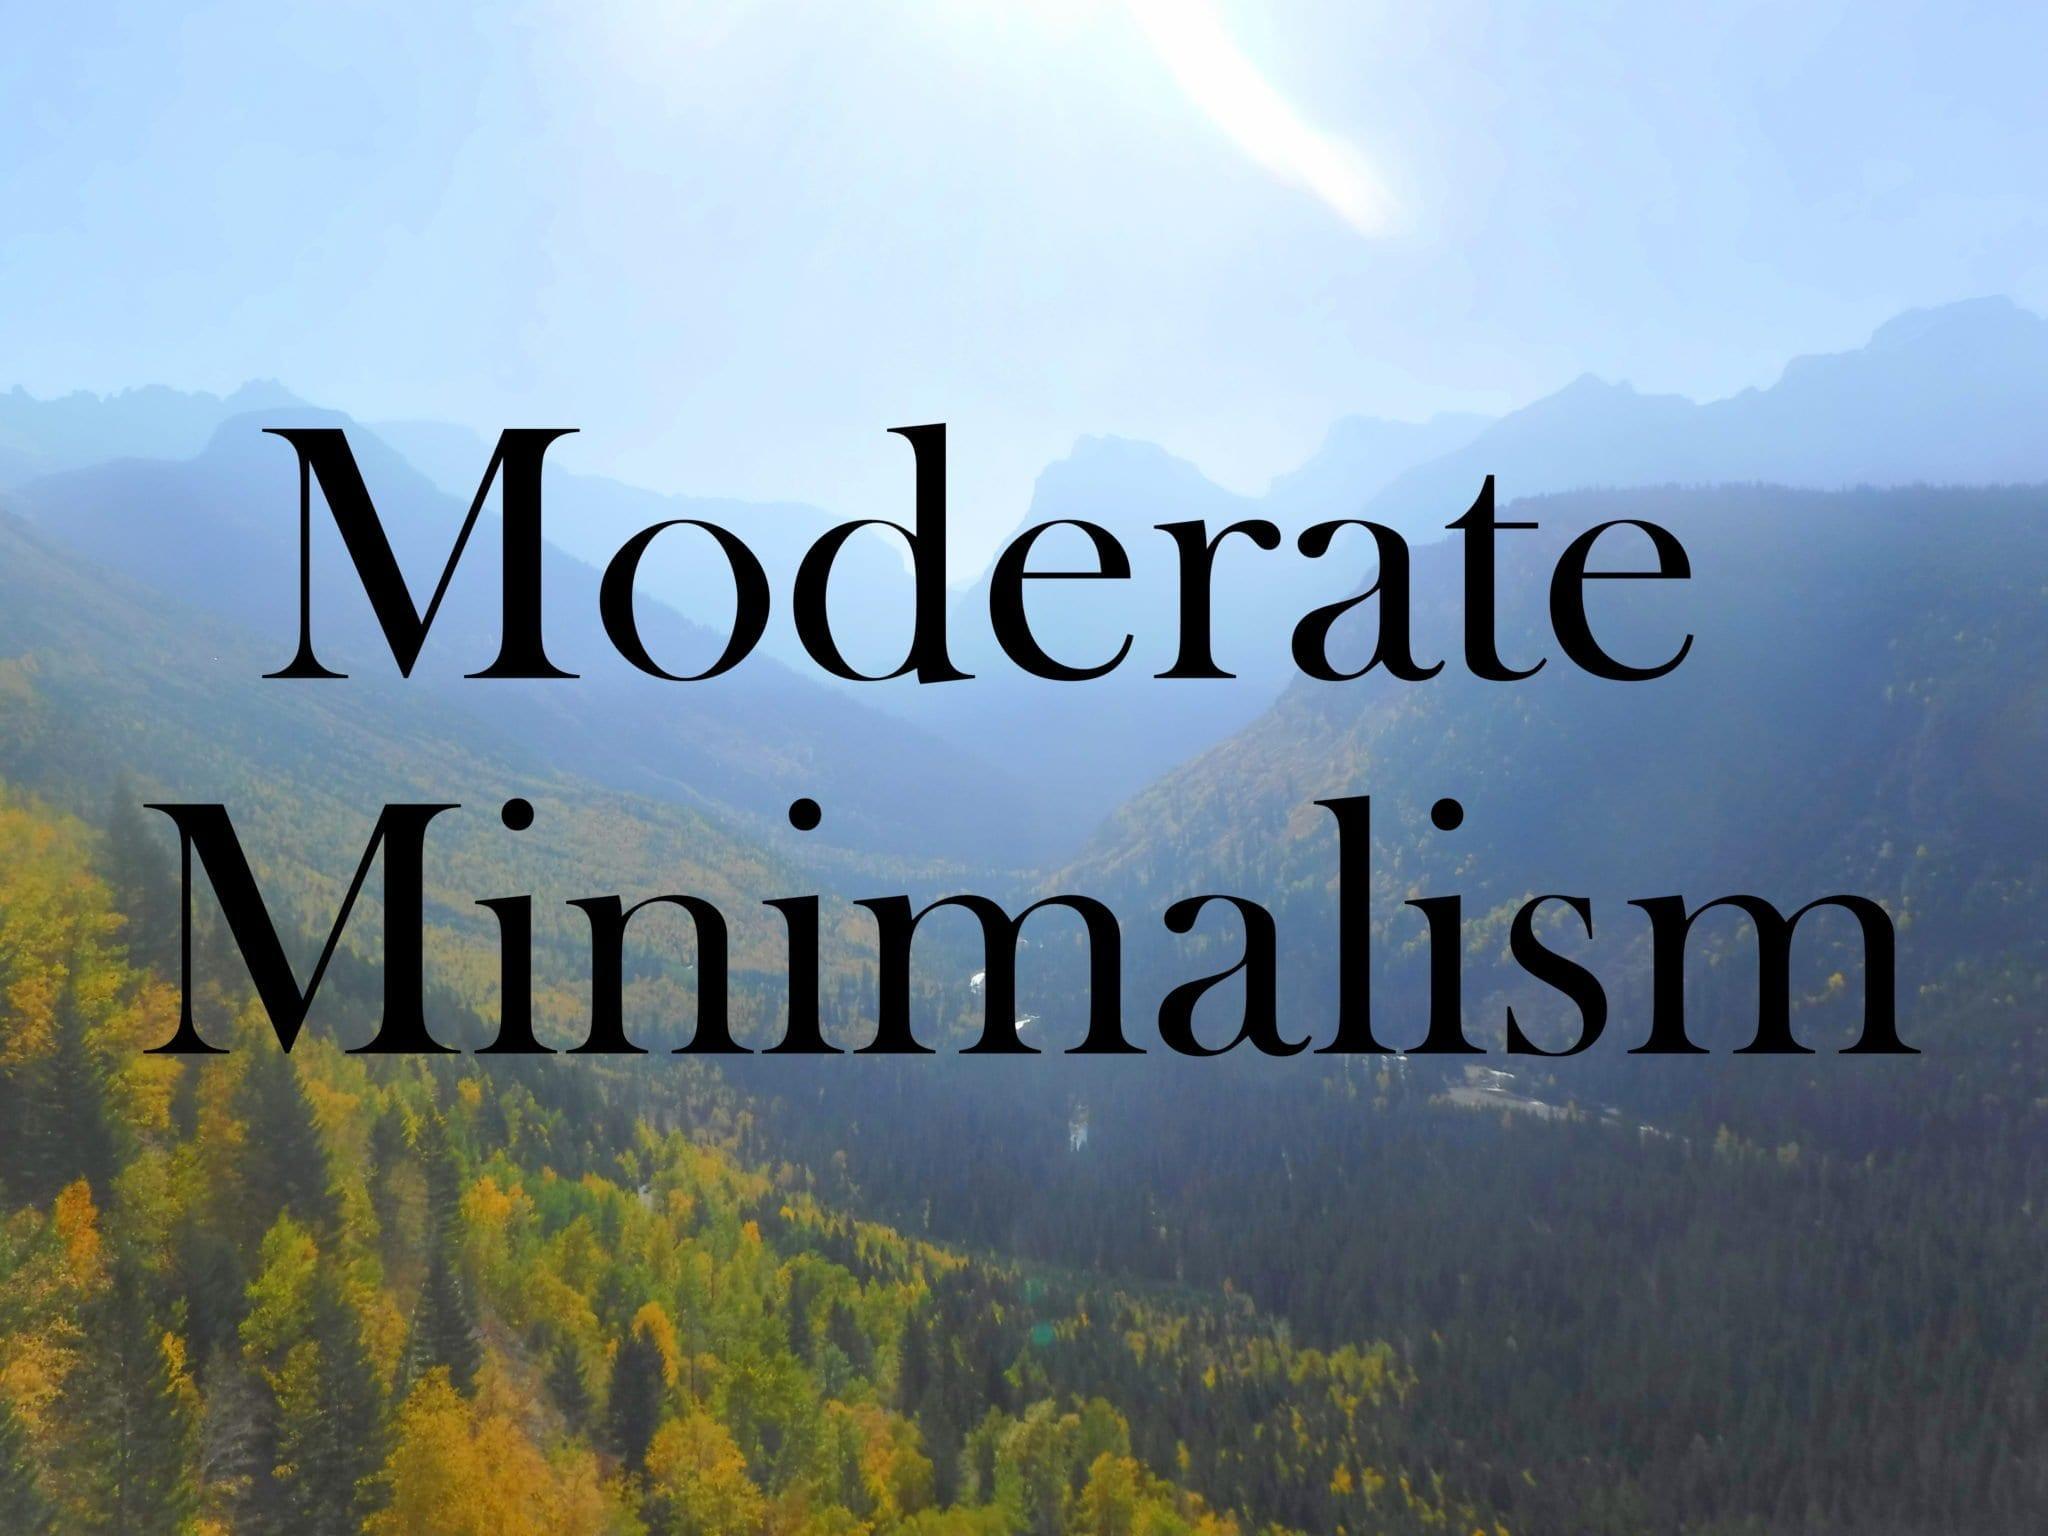 Moderate Minimalism